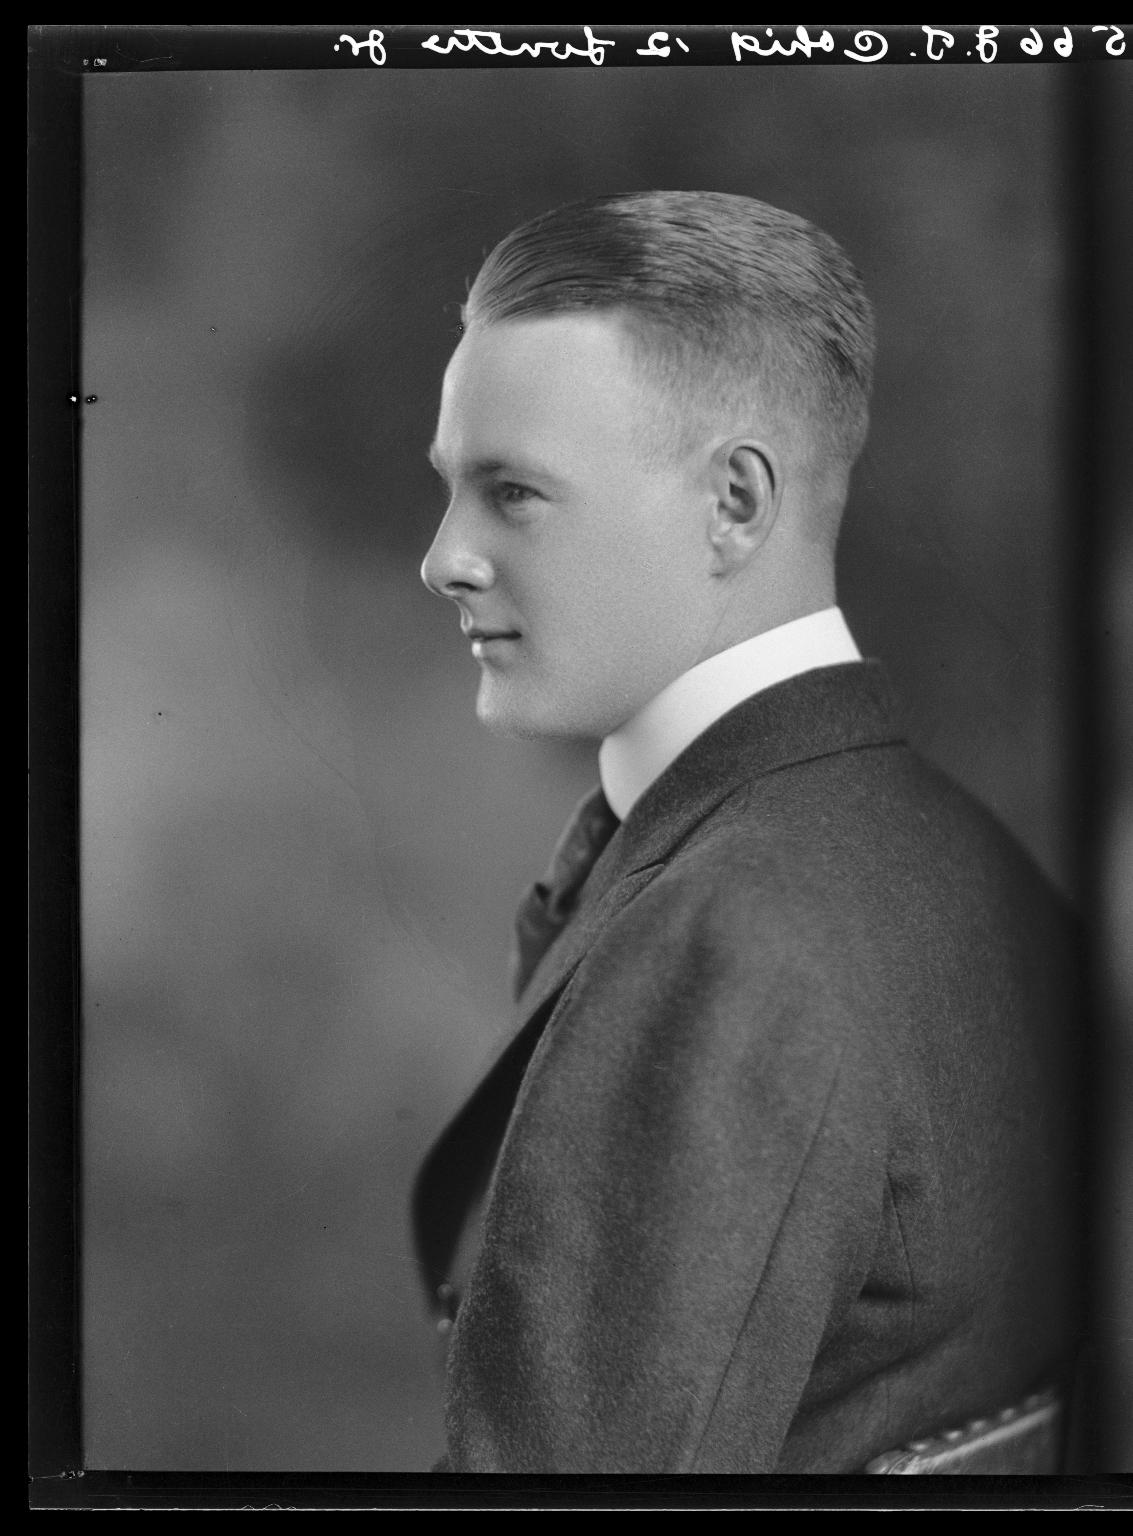 Portraits of J. T. Cohig